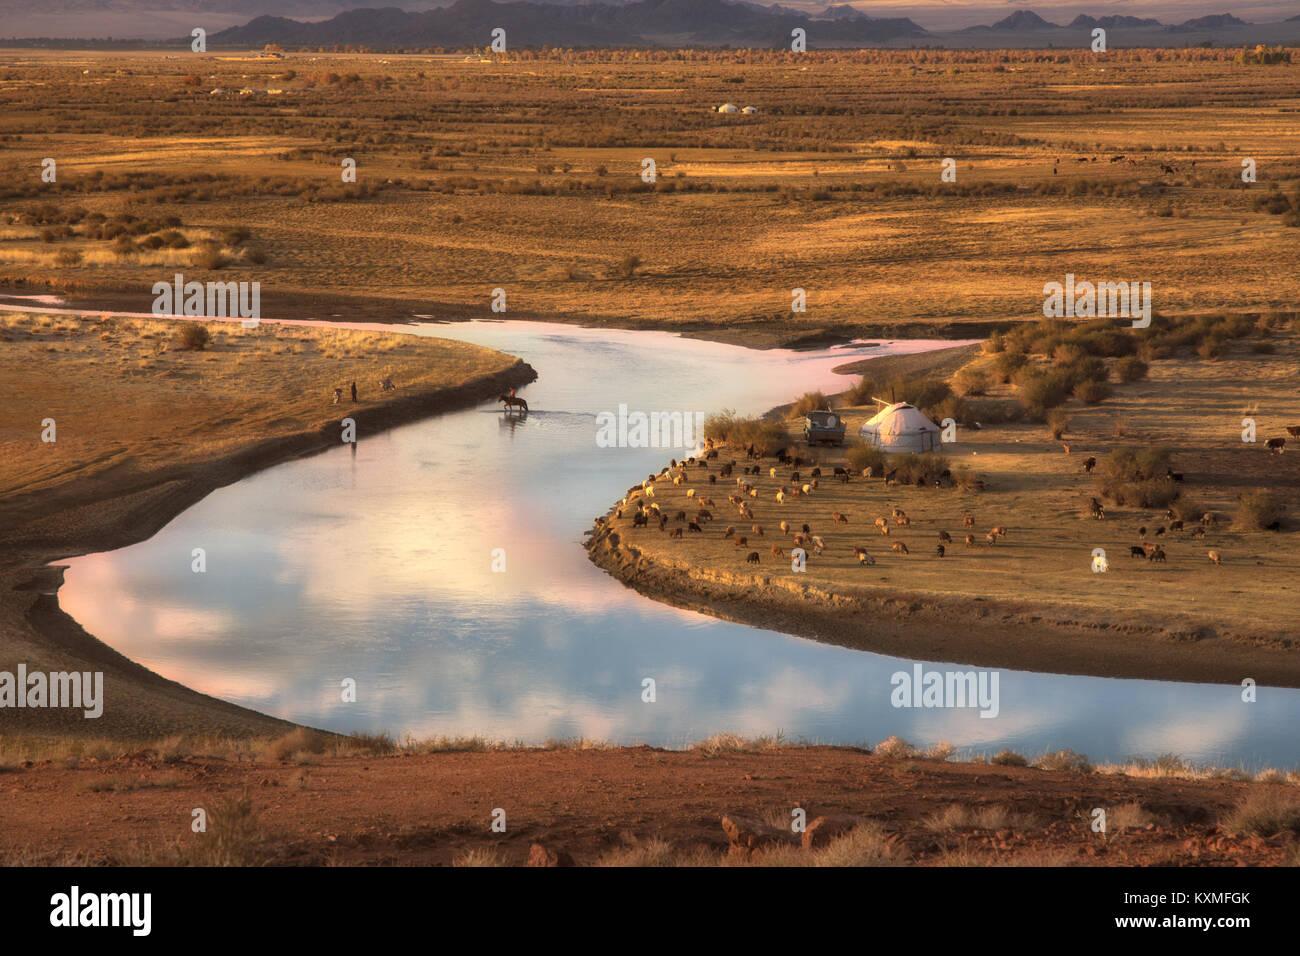 Sonnenuntergang Pferd fluss Mongolei Landschaft ebenen Wiesen steppen Ziegen Herde ger Goldenen Stunde Stockbild